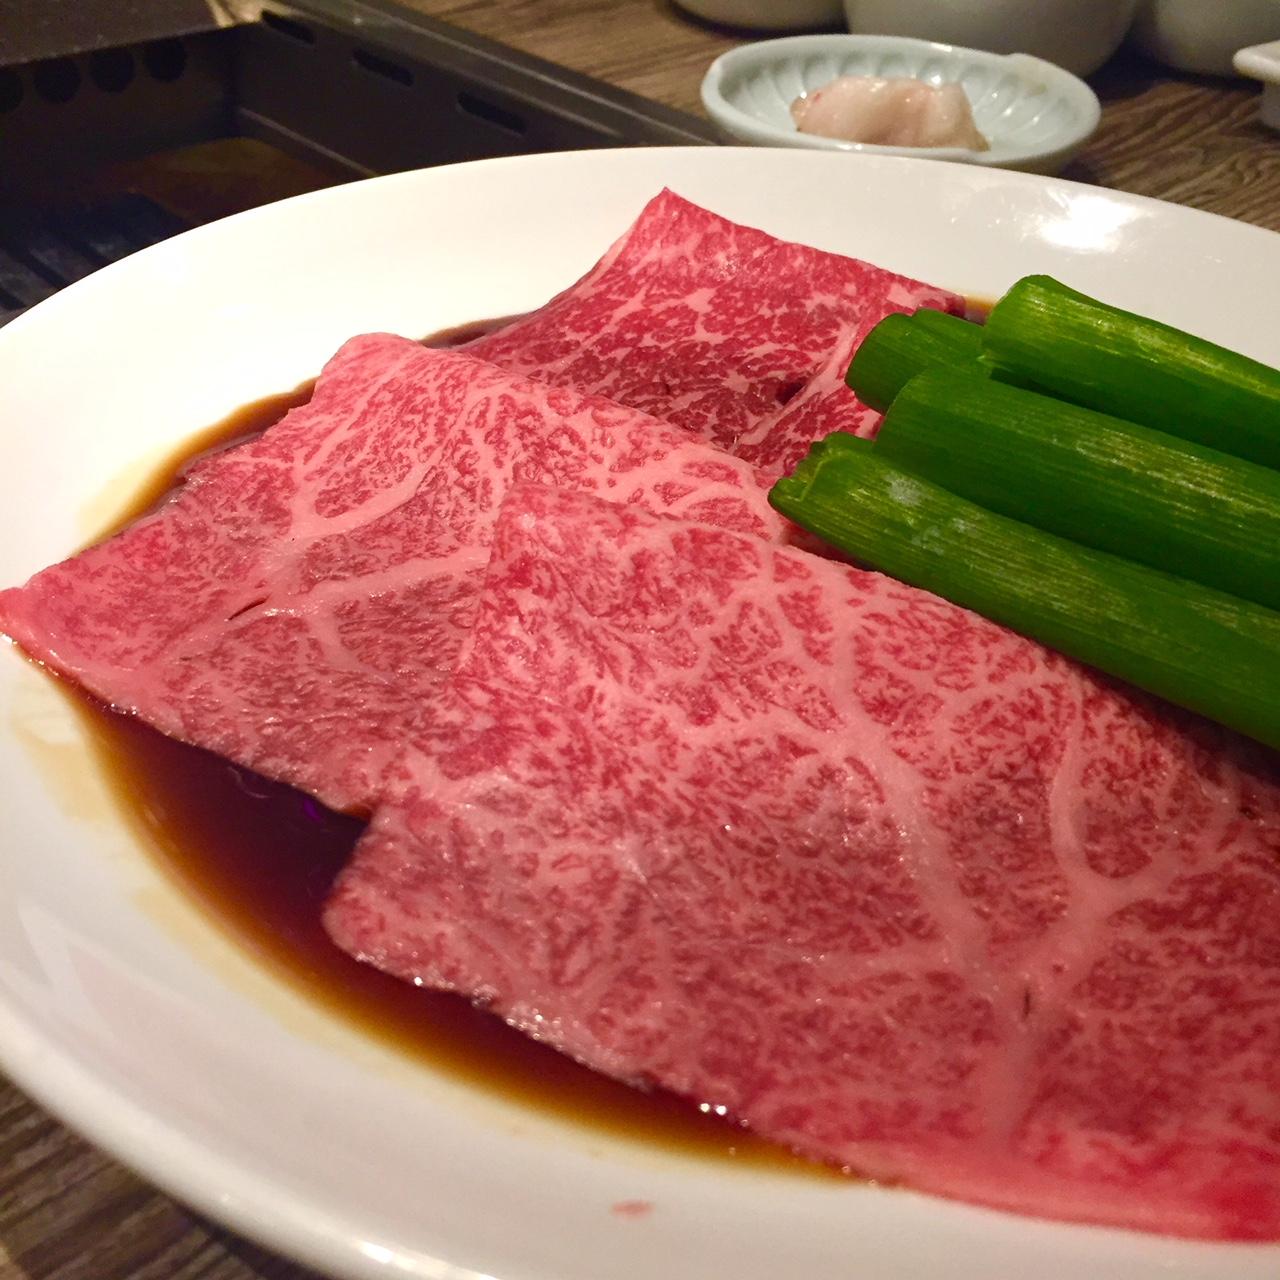 国際センター|一流の肉師が厳選した和牛が堪能できるオシャレ焼肉店